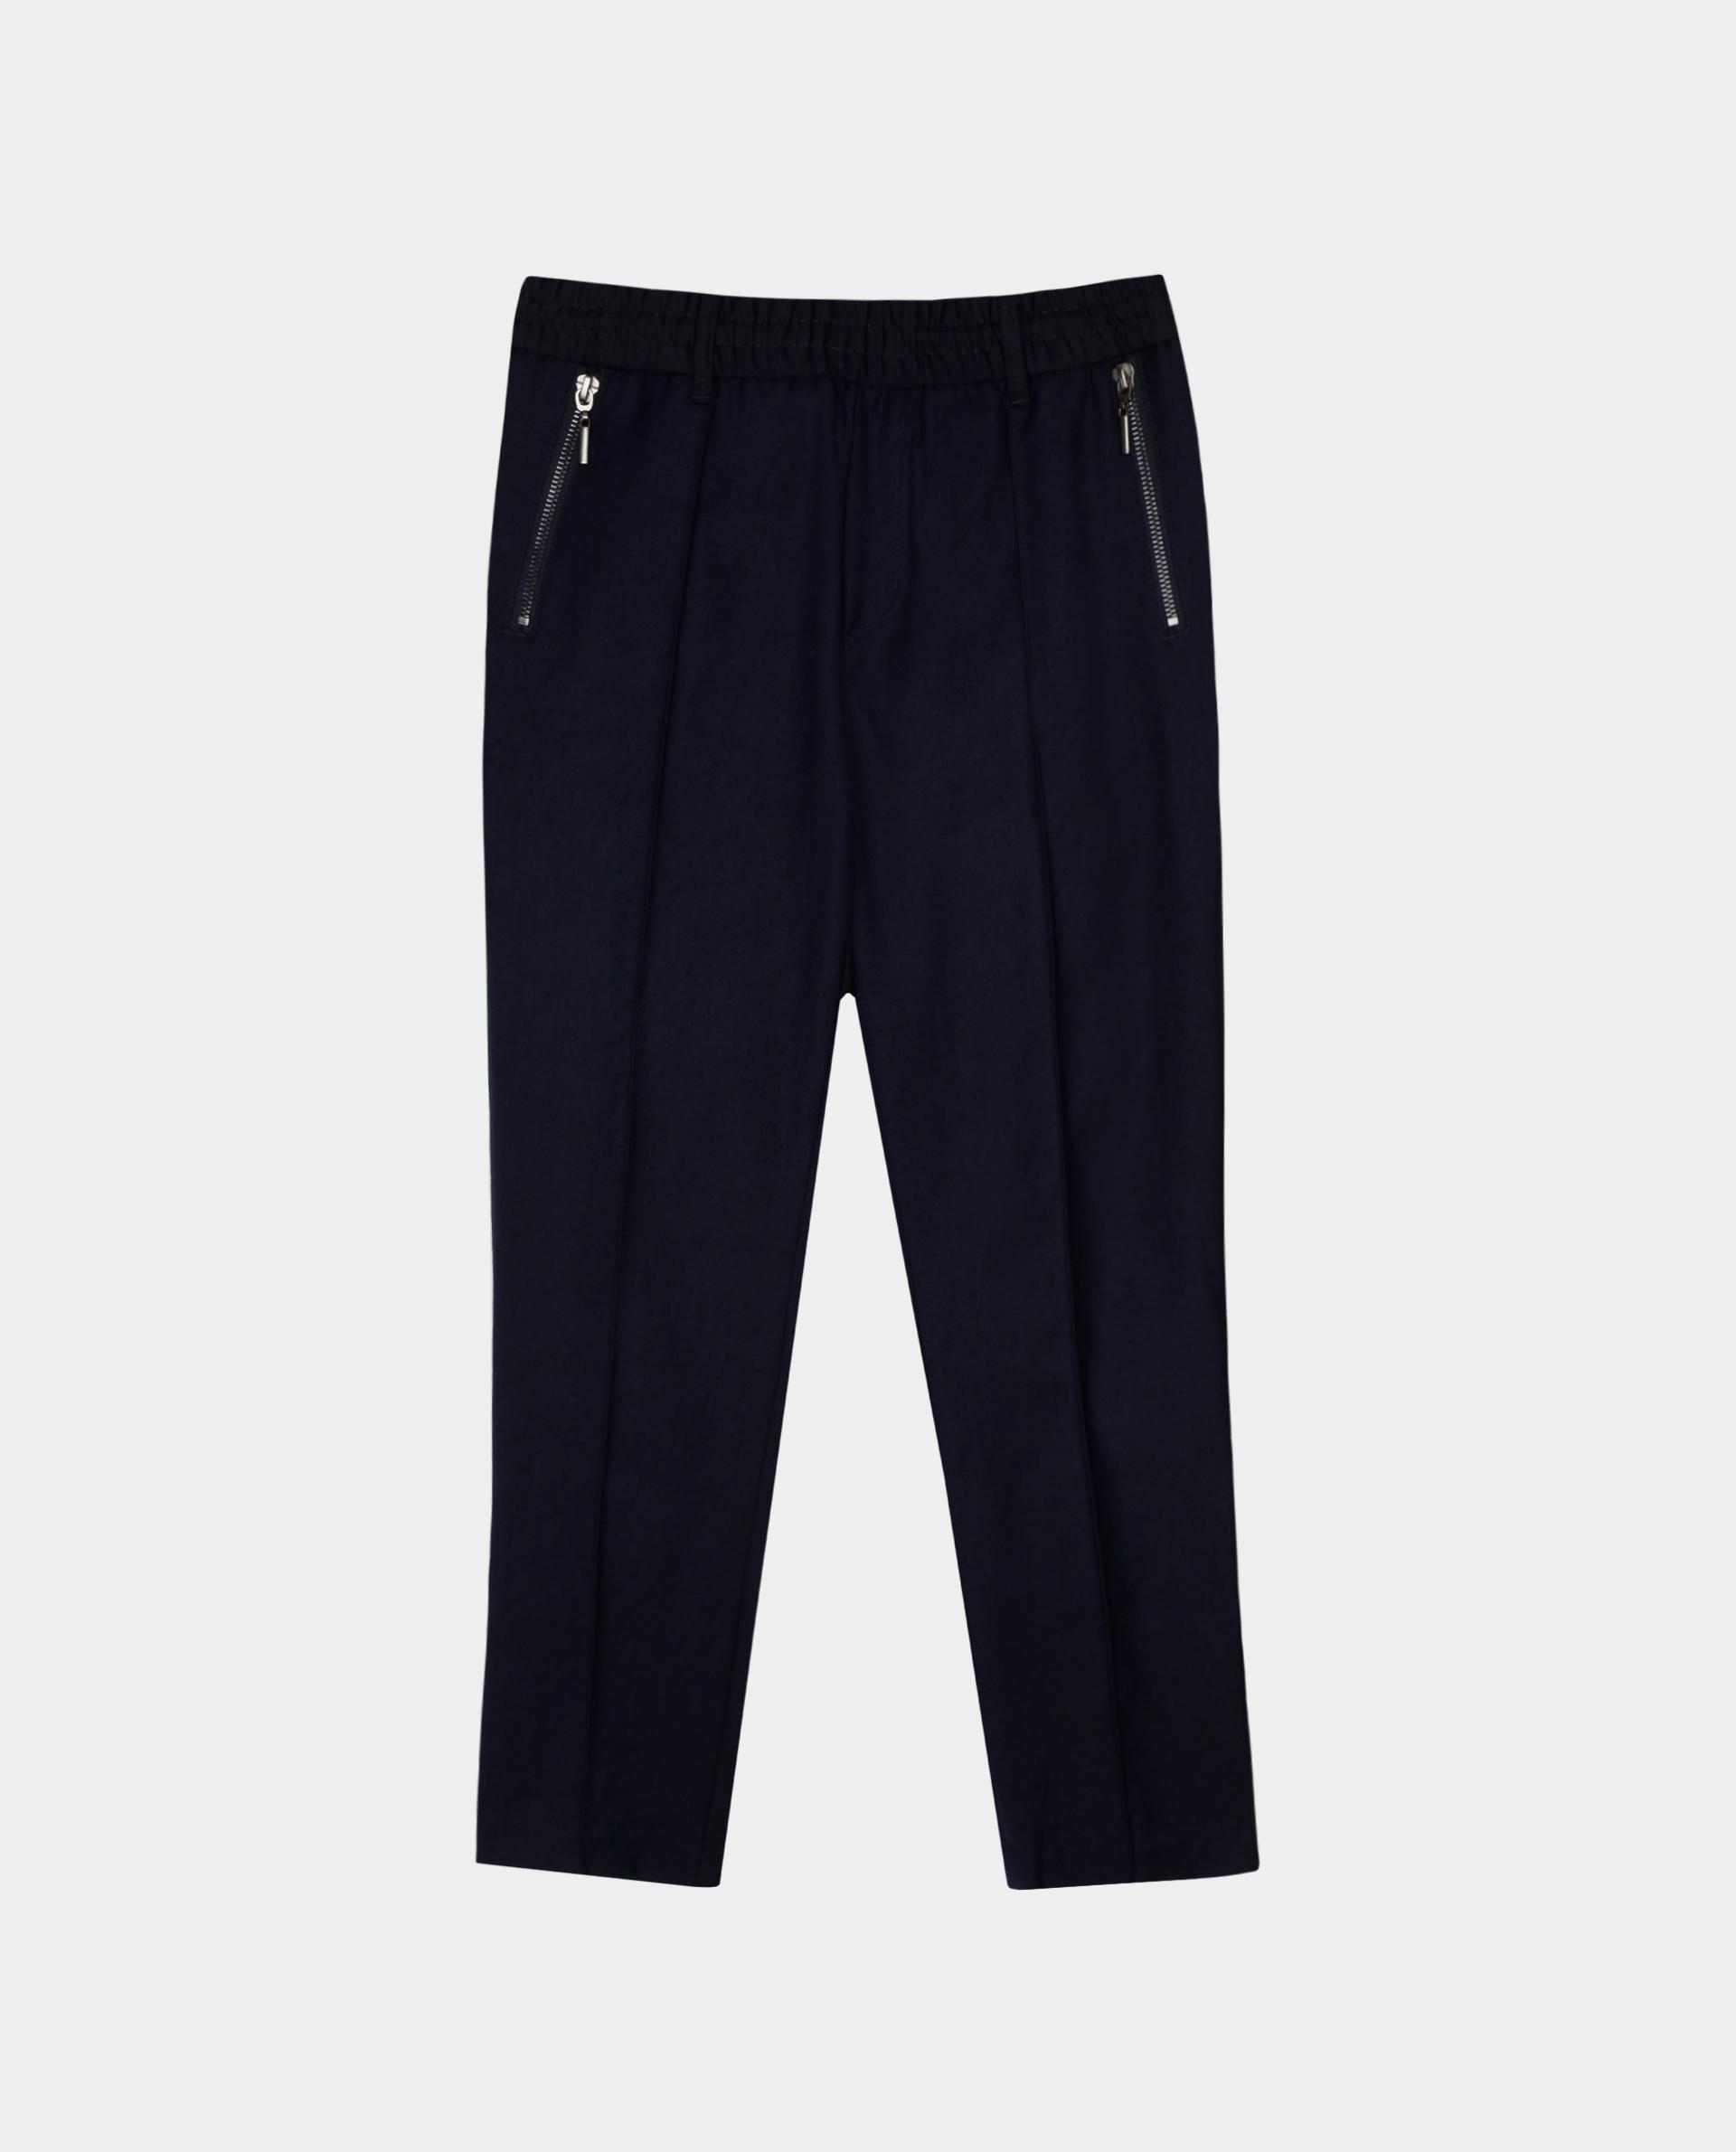 Купить 220GSBC6308, Синие брюки Gulliver, синий, 128, Мужской, Демисезон, ШКОЛЬНАЯ ФОРМА 2020-2021 (shop: GulliverMarket Gulliver Market)